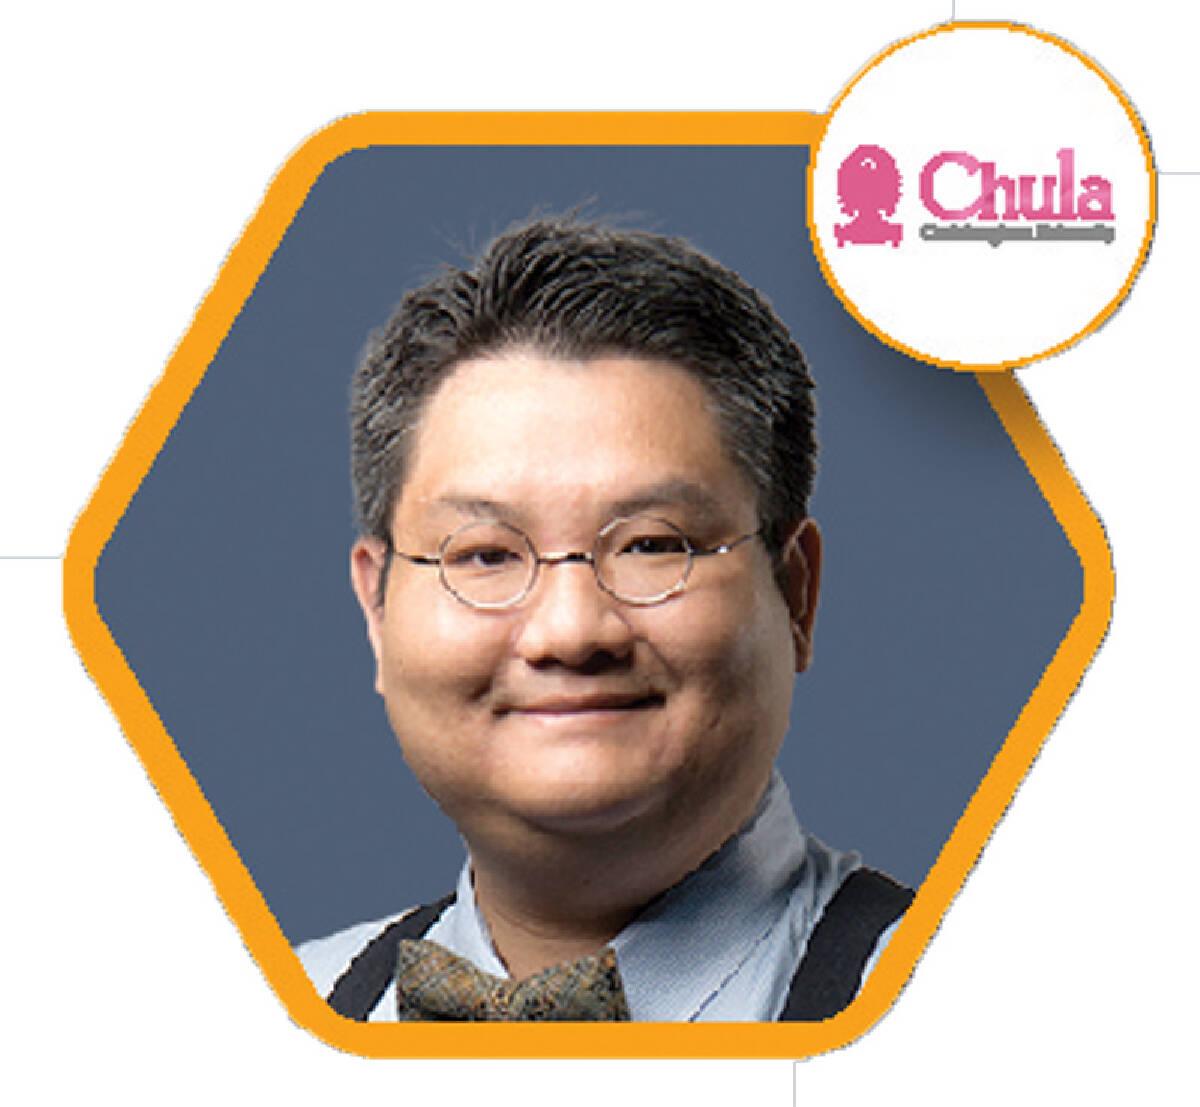 รศ. ดร. ปิติ ศรีแสงนาม ผู้อำนวยการศูนย์อาเซียนศึกษา จุฬาลงกรณ์มหาวิทยาลัย